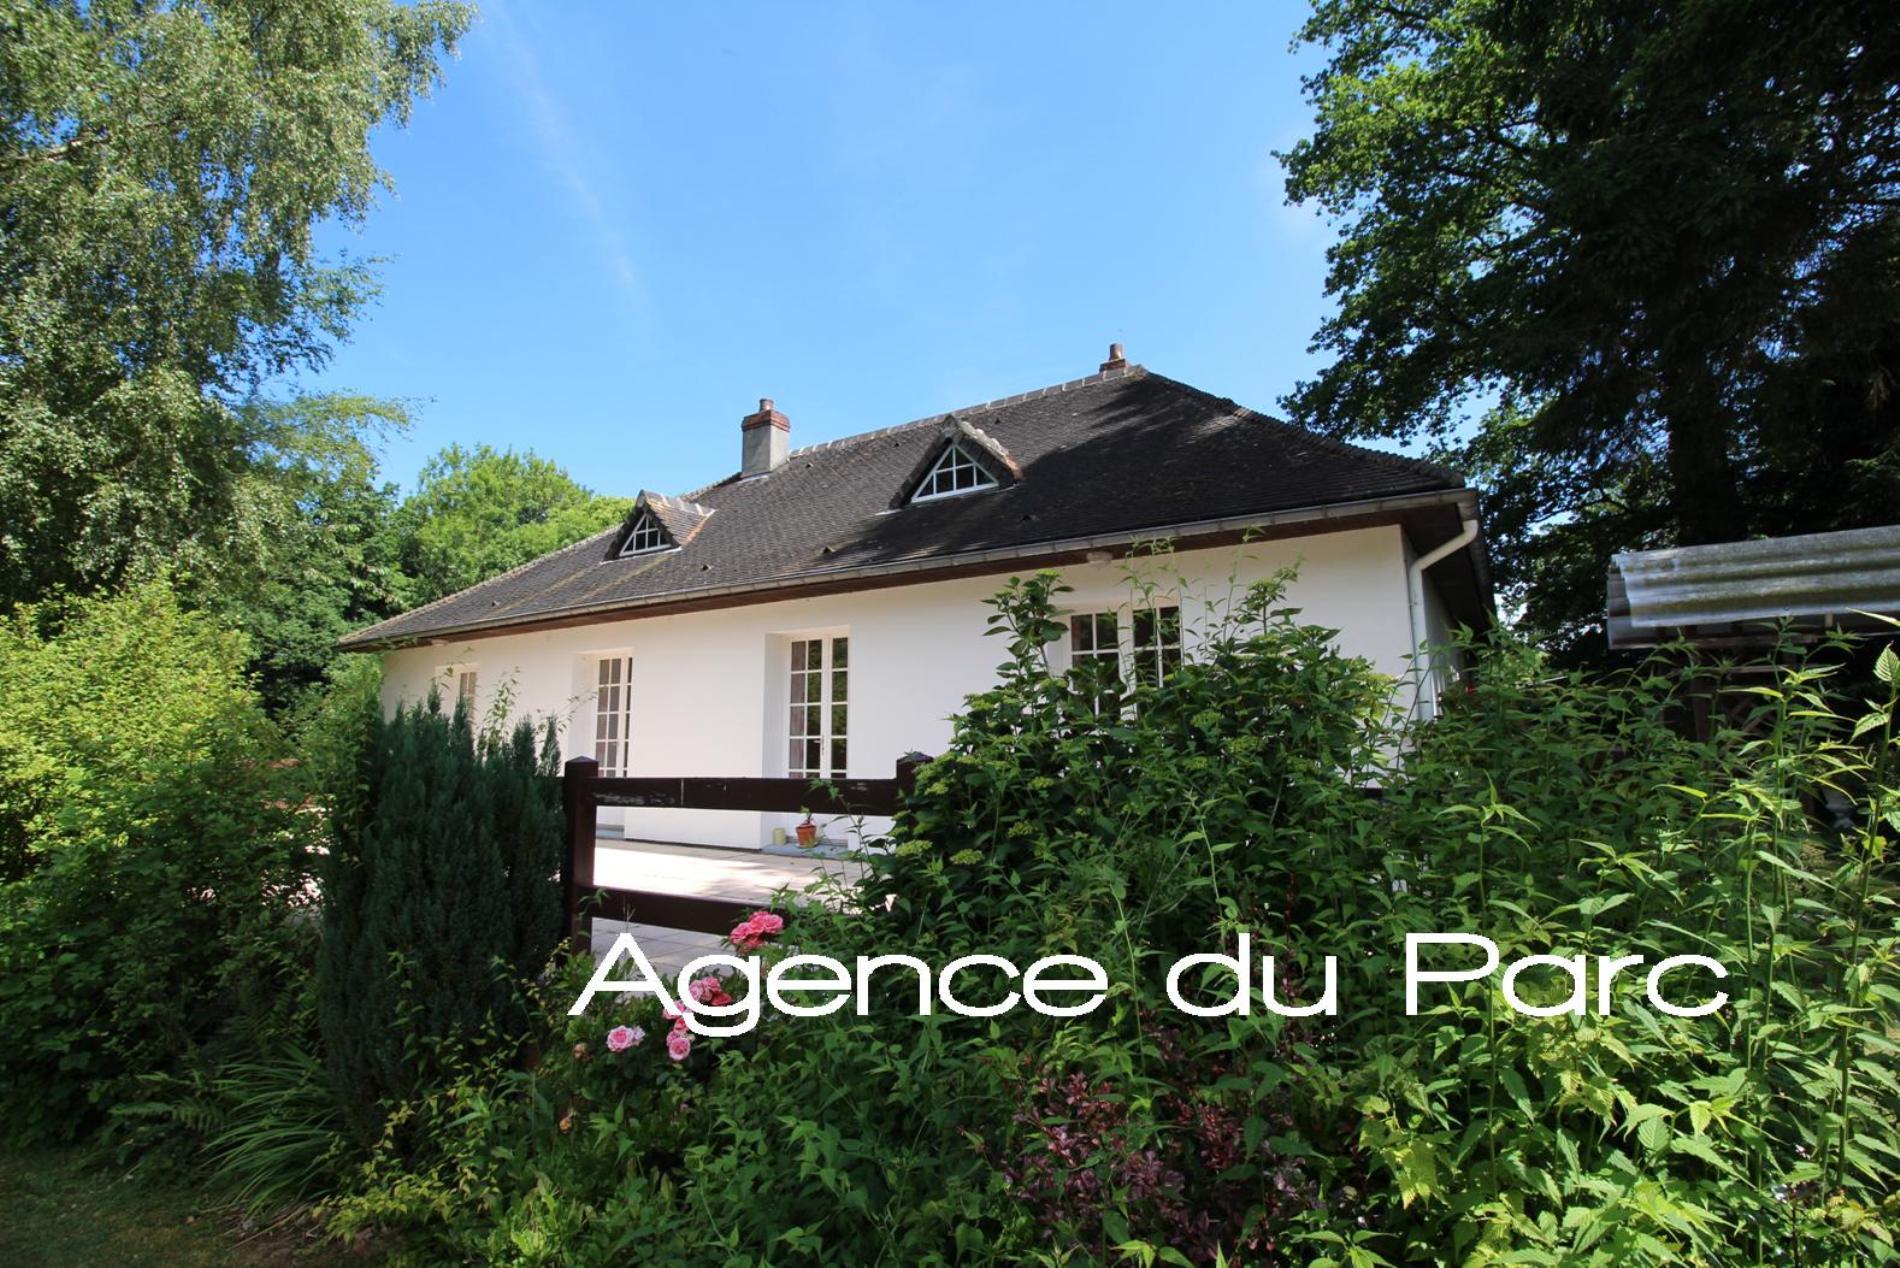 Acheter vente d 39 une maison individuelle de plain pied for Agence immobiliere en vente